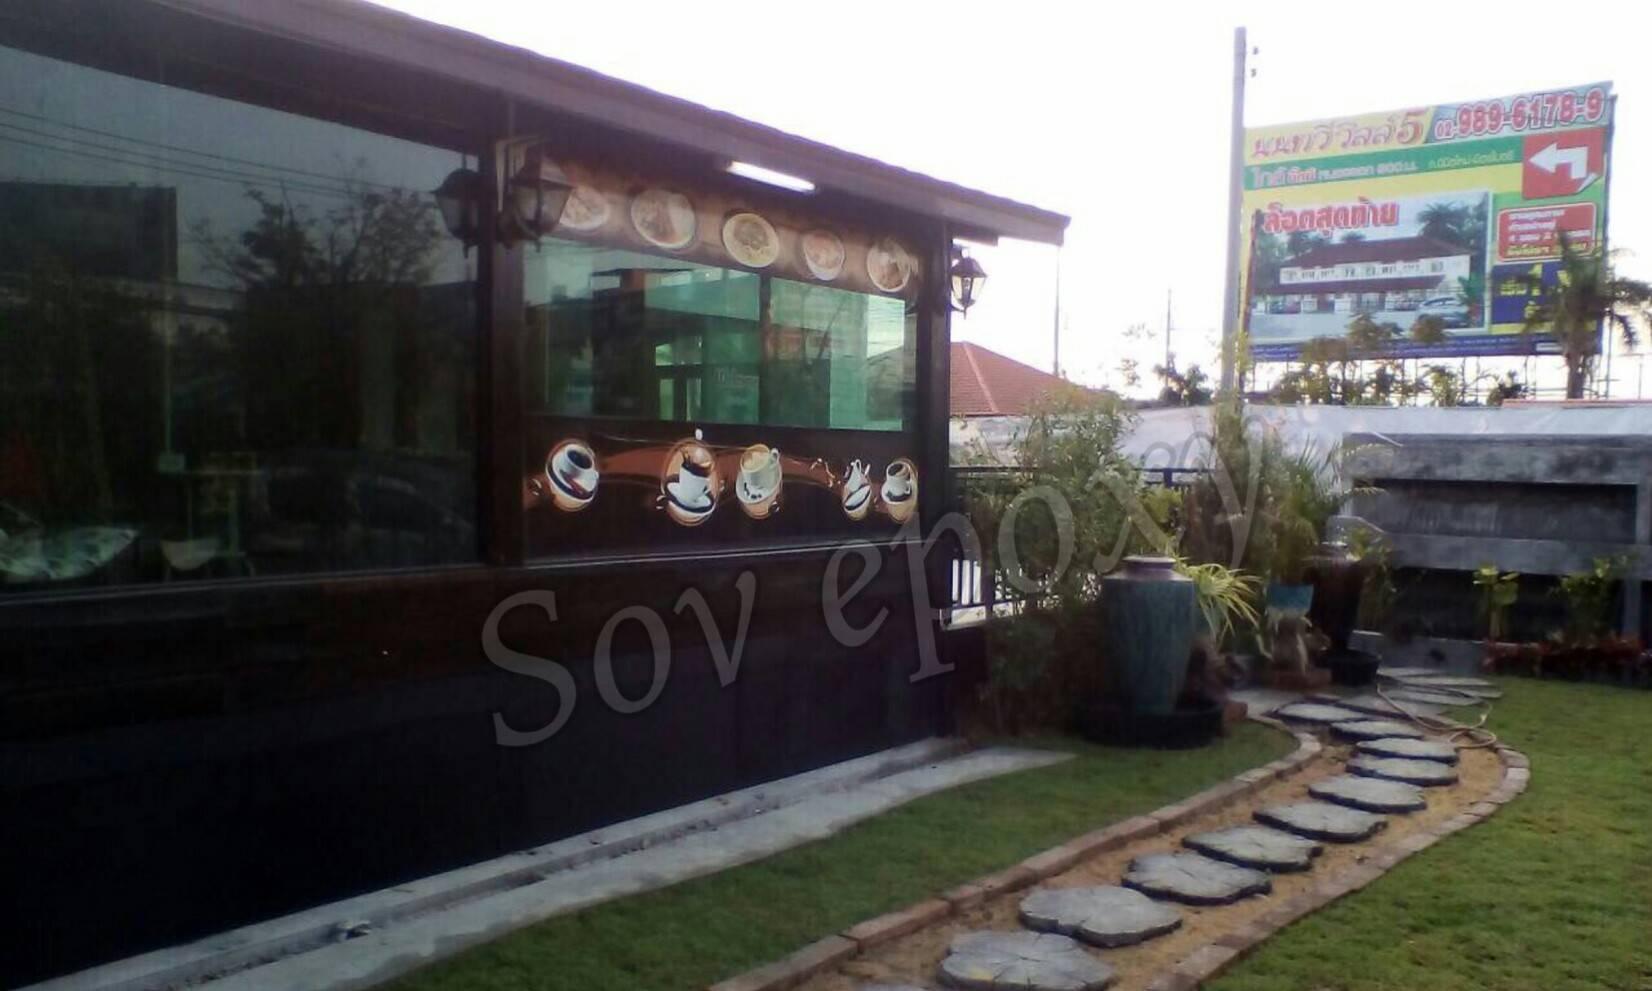 SOV & Coffee Chillเปิดให้บริการแล้วในโซนของ ร้านกาแฟ 2